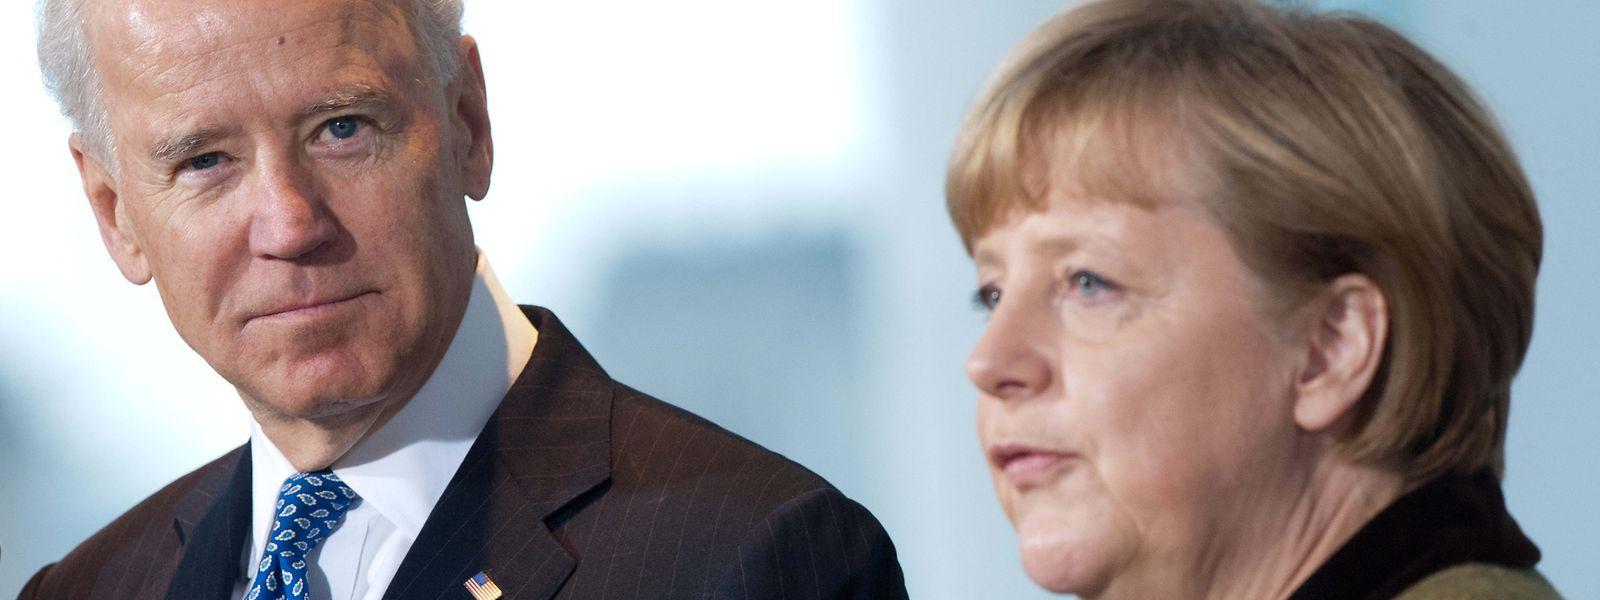 Einen Monat nach seiner Vereidigung nimmt US-Präsident Joe Biden am Freitag erstmals an einem internationalen Gipfeltreffen teil.